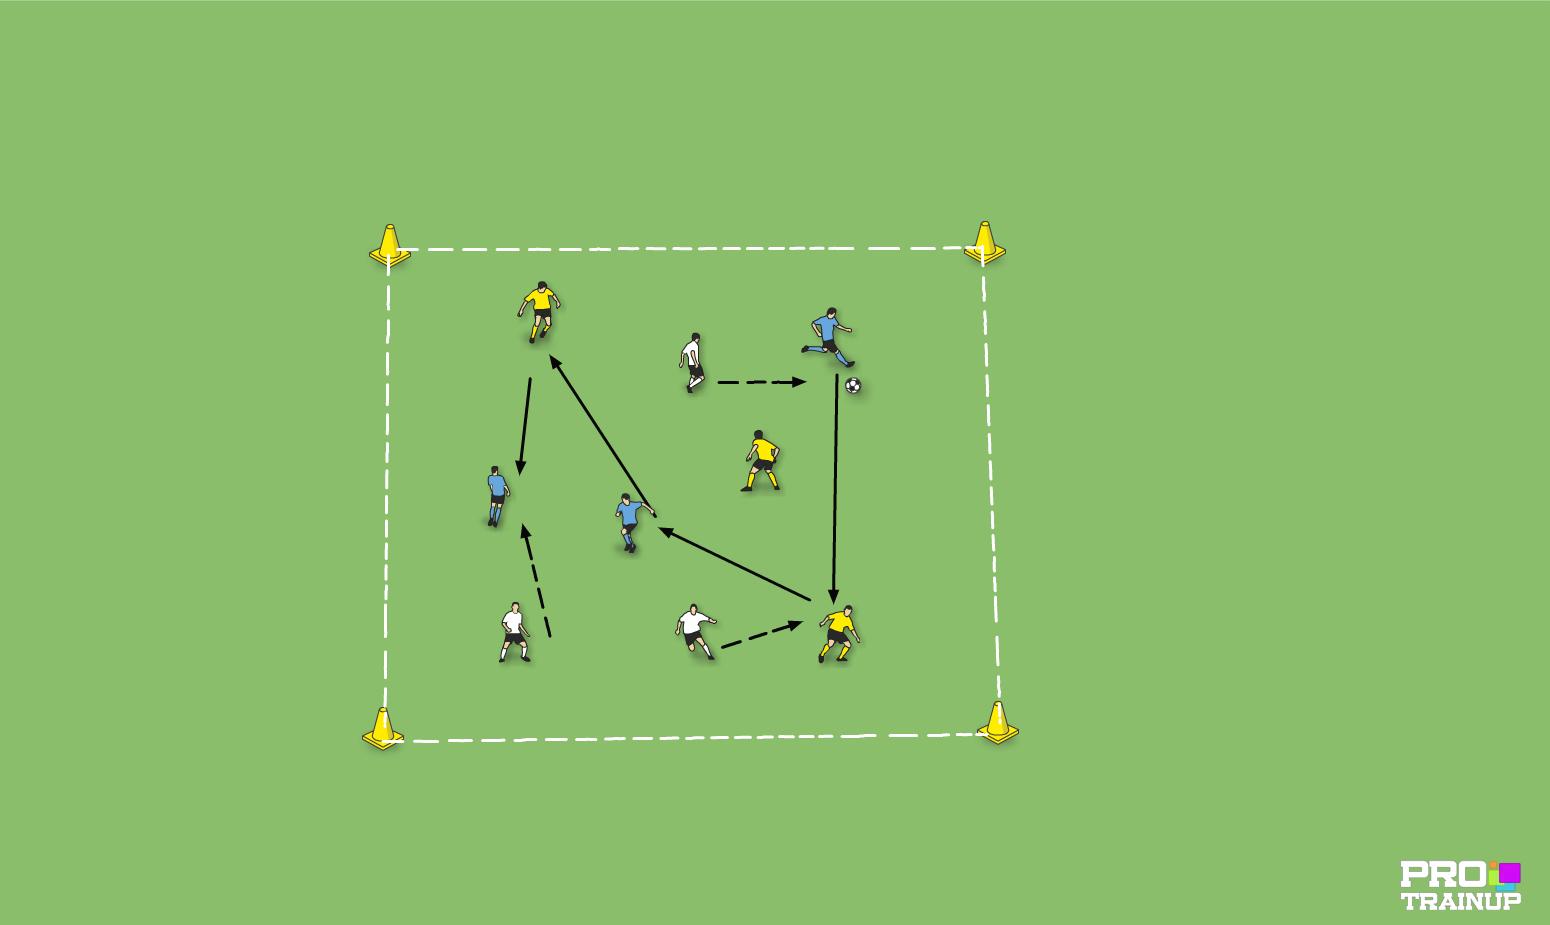 Gra - 3 drużyny, 1 odbiera, 2 utrzymują piłkę.